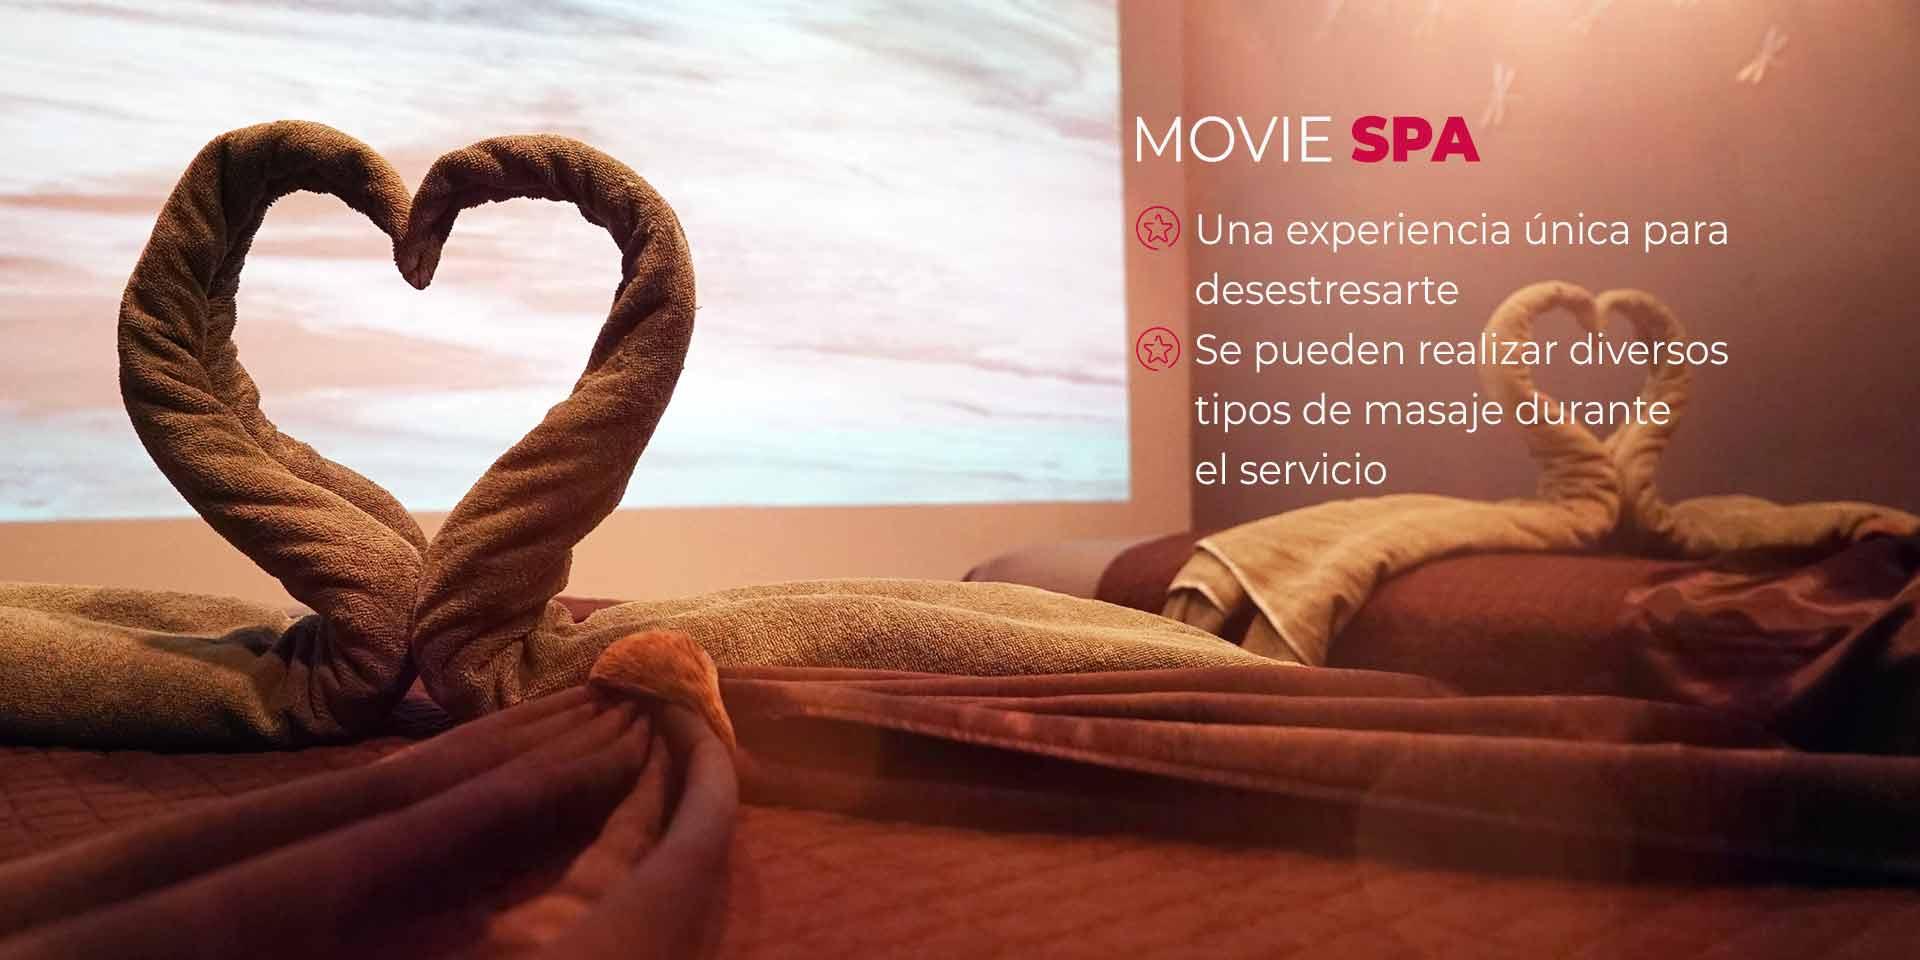 Movie Spa en CDMX